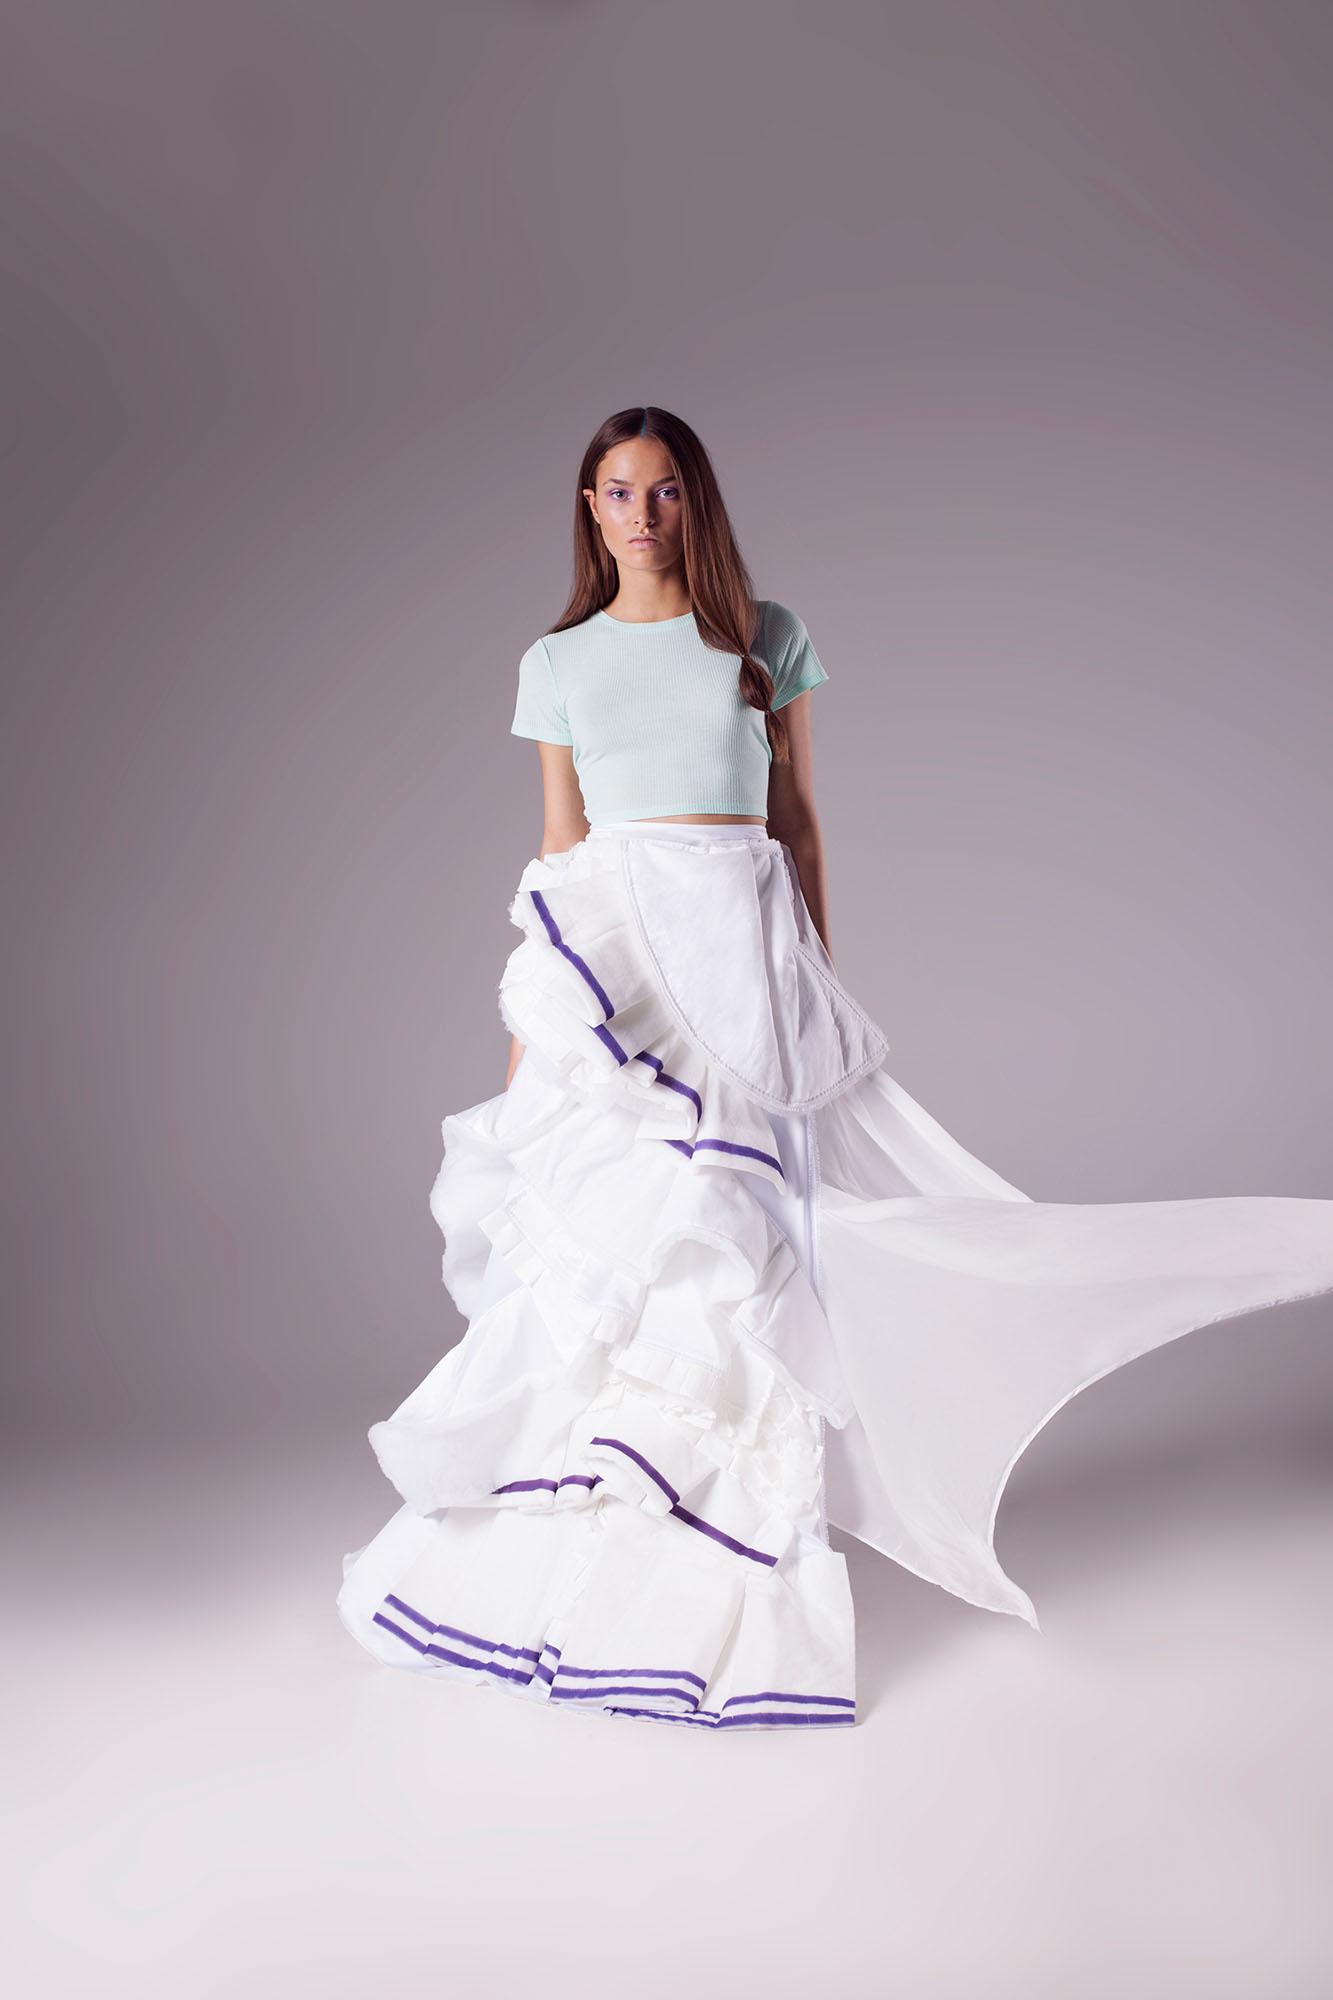 Shirt H&M, Skirt Anne van de Boogaard